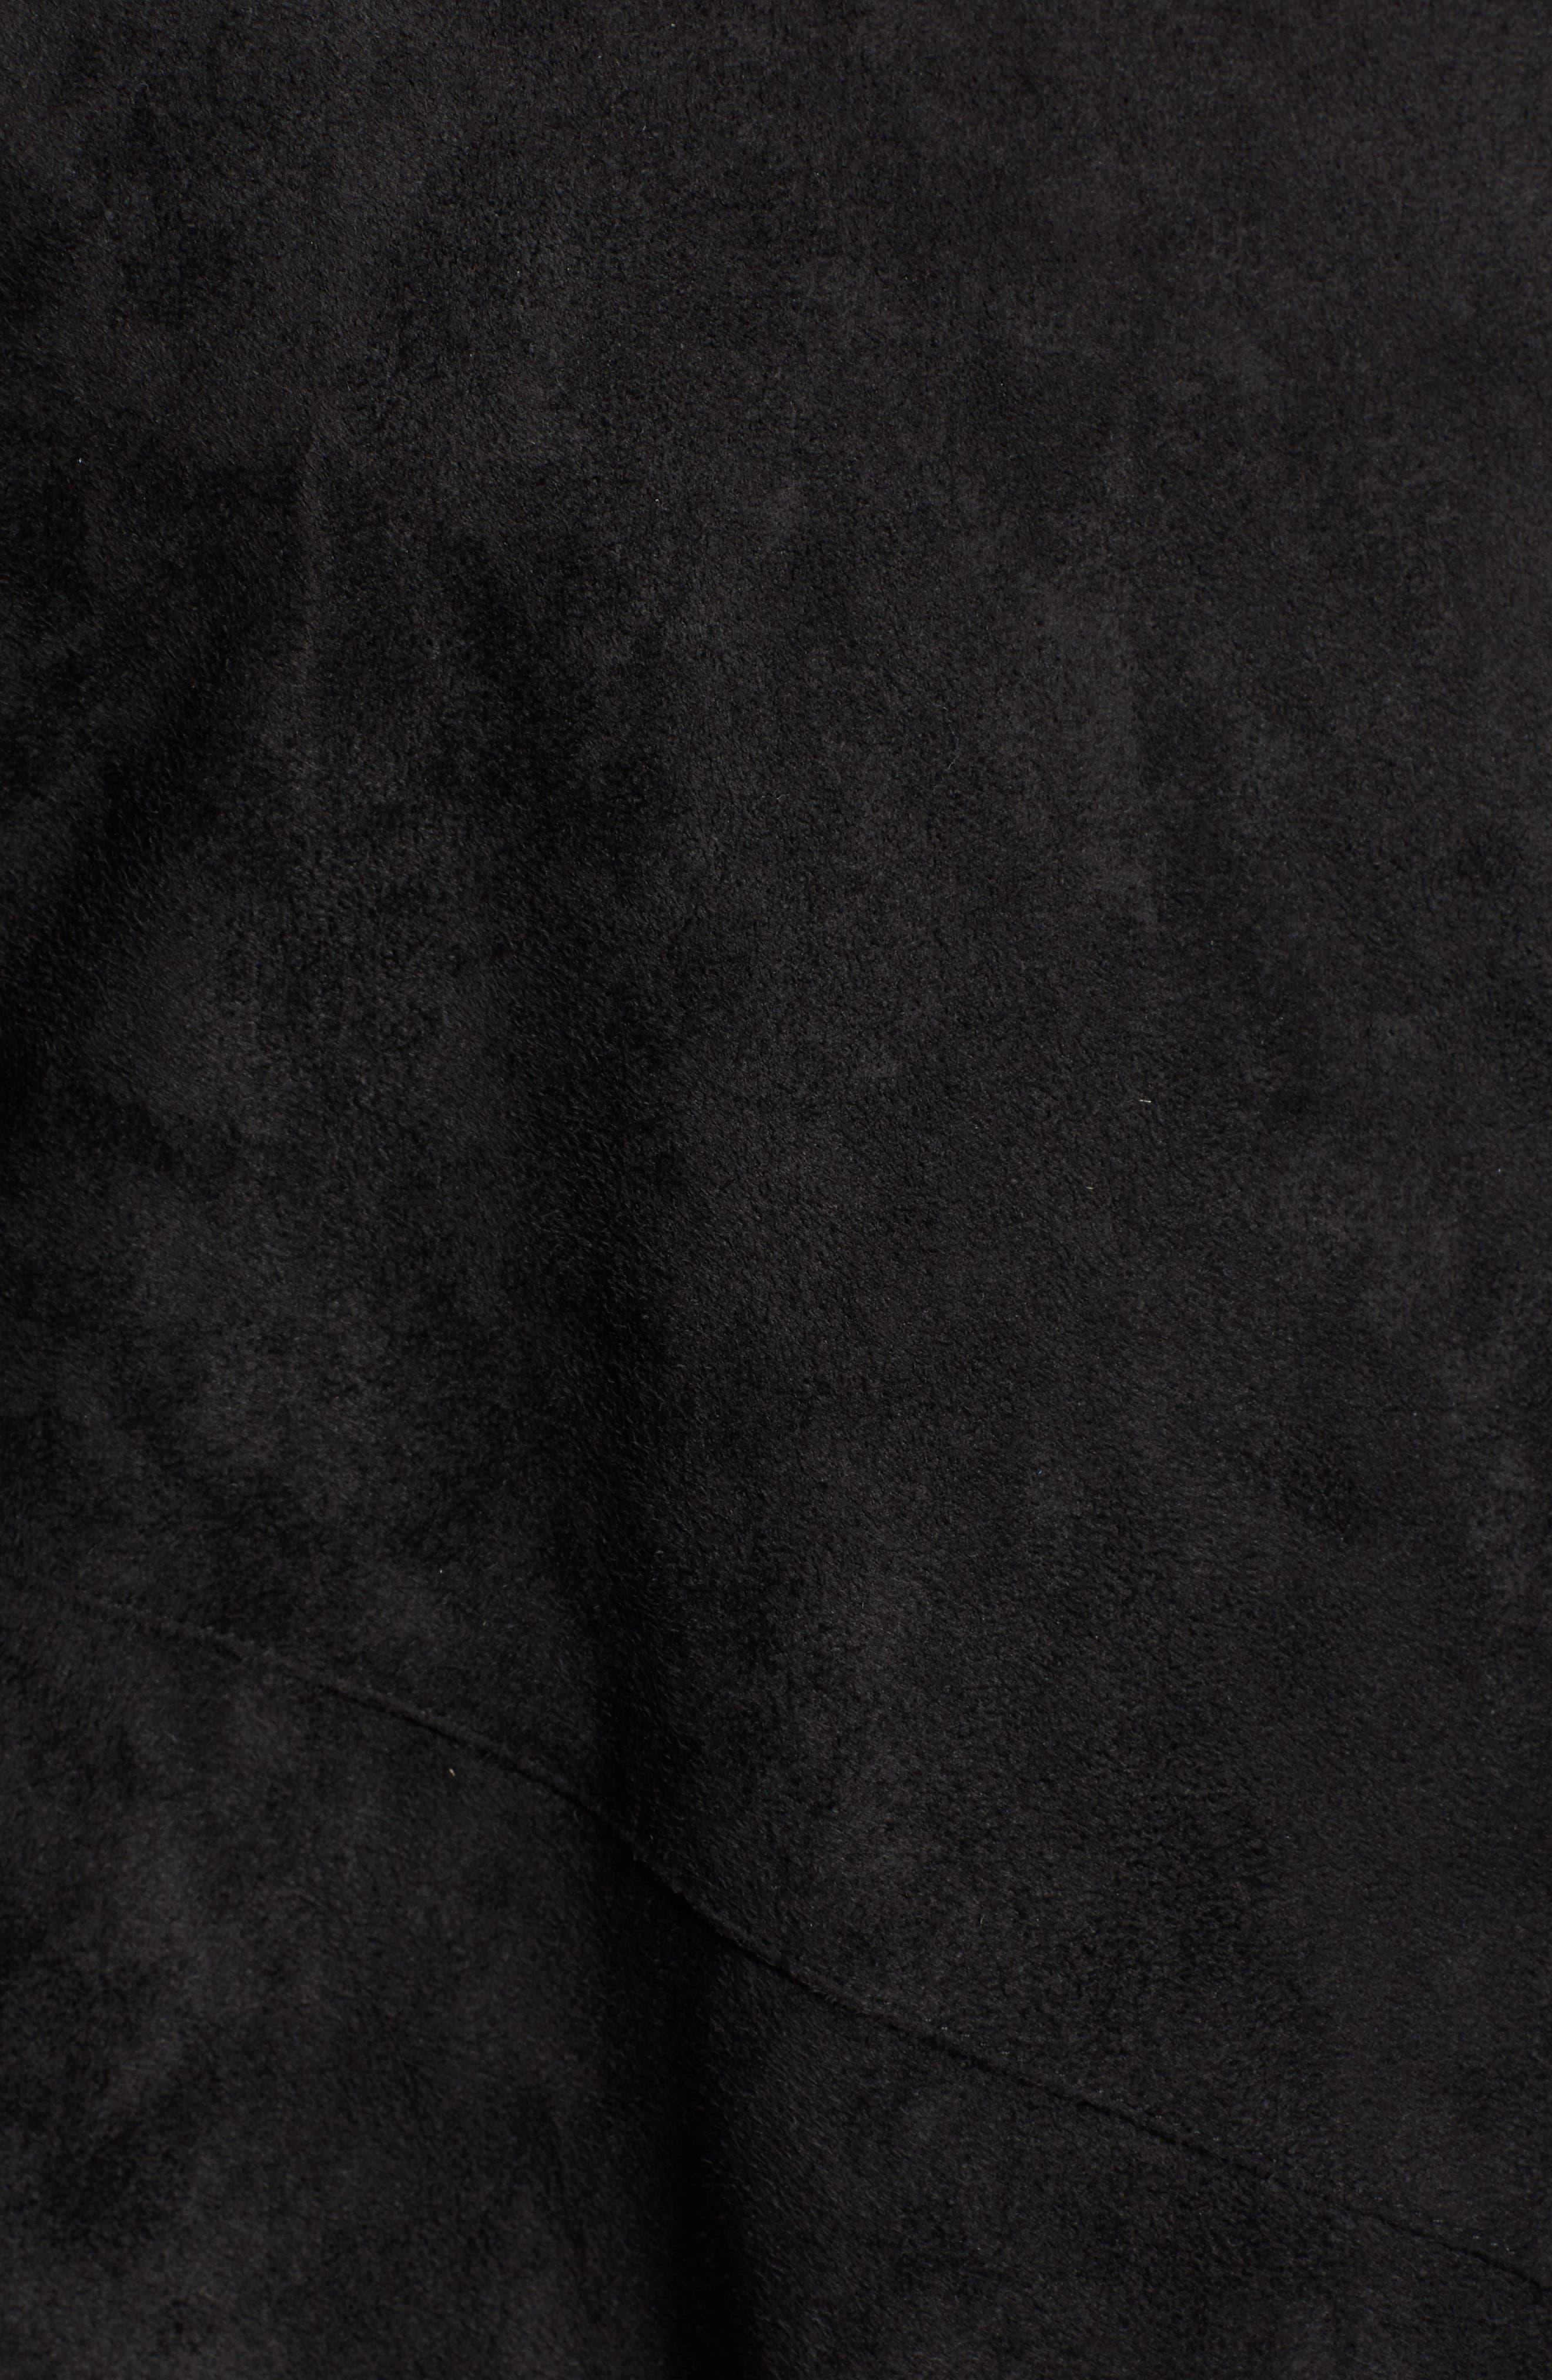 Nicholson Faux Suede Drape Front Jacket,                             Alternate thumbnail 7, color,                             001